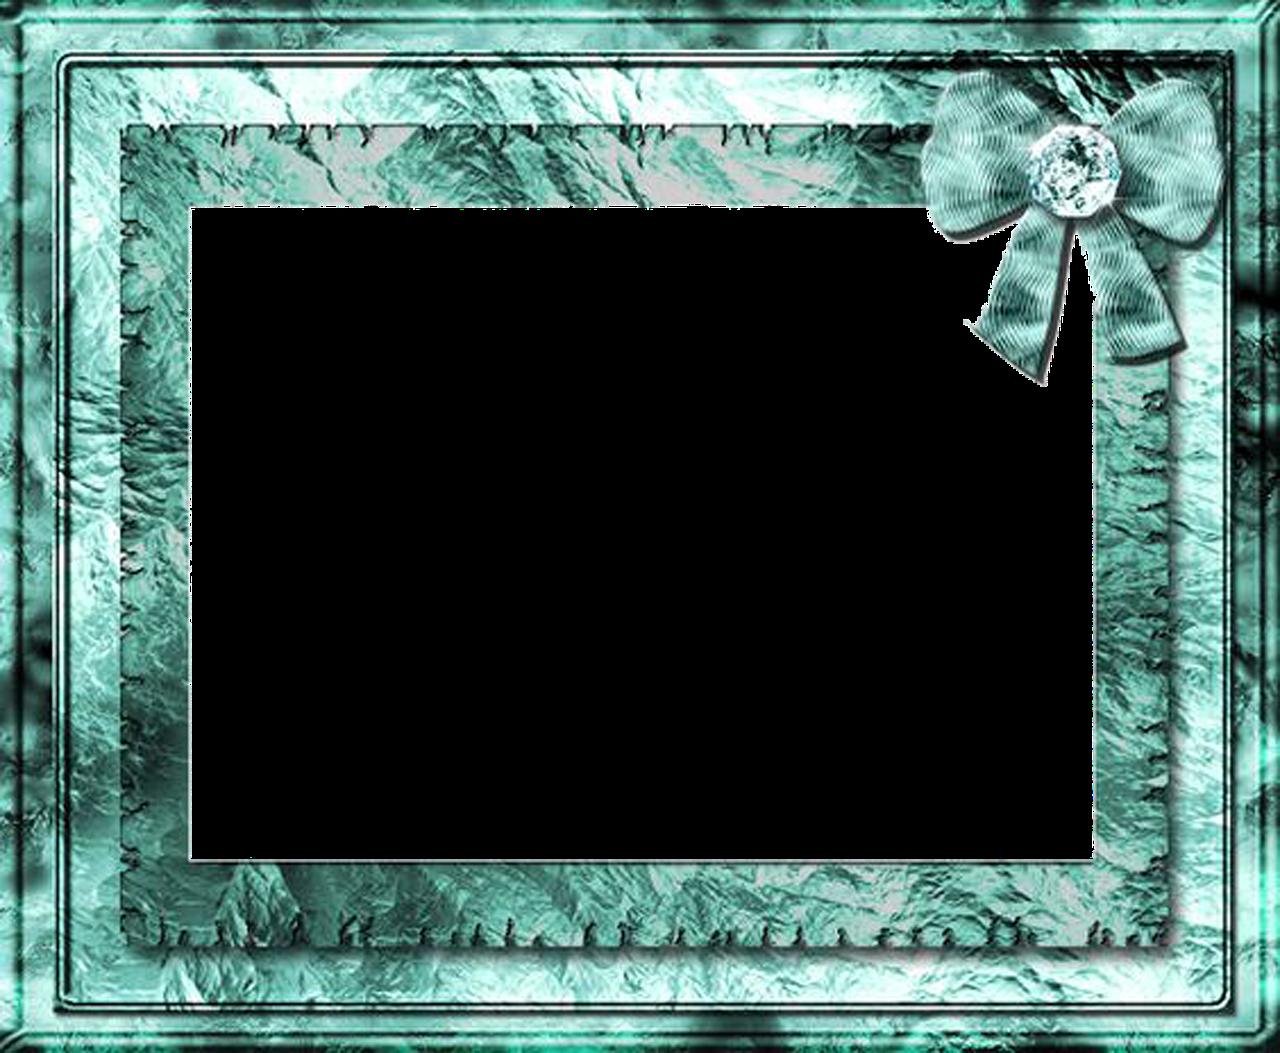 Frame ghép ảnh đơn giản mà đẹp